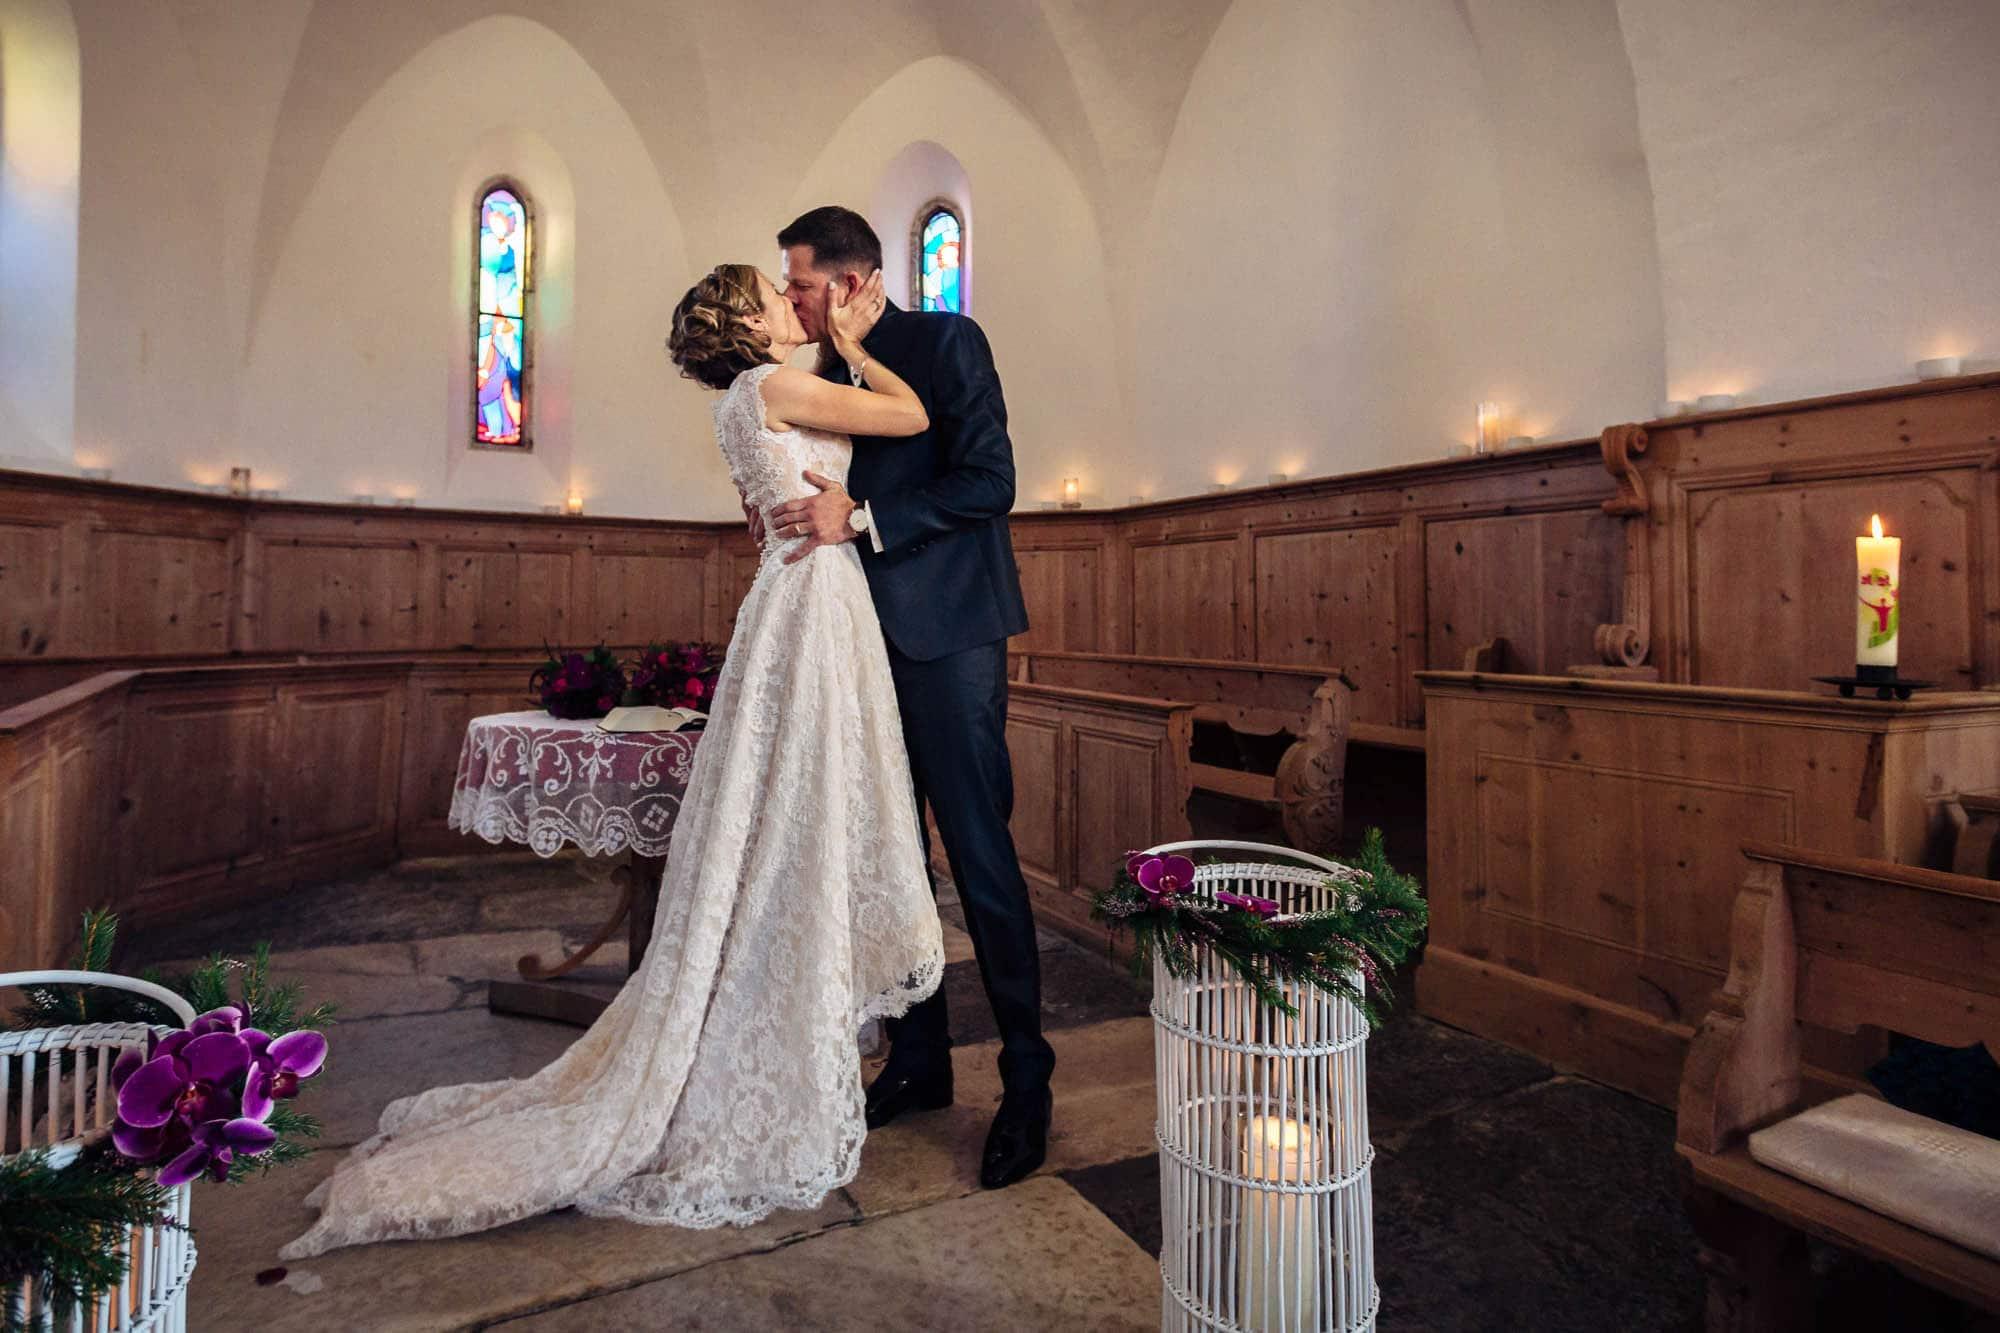 Kuss des Brautpaares nach dem Ja-Wort